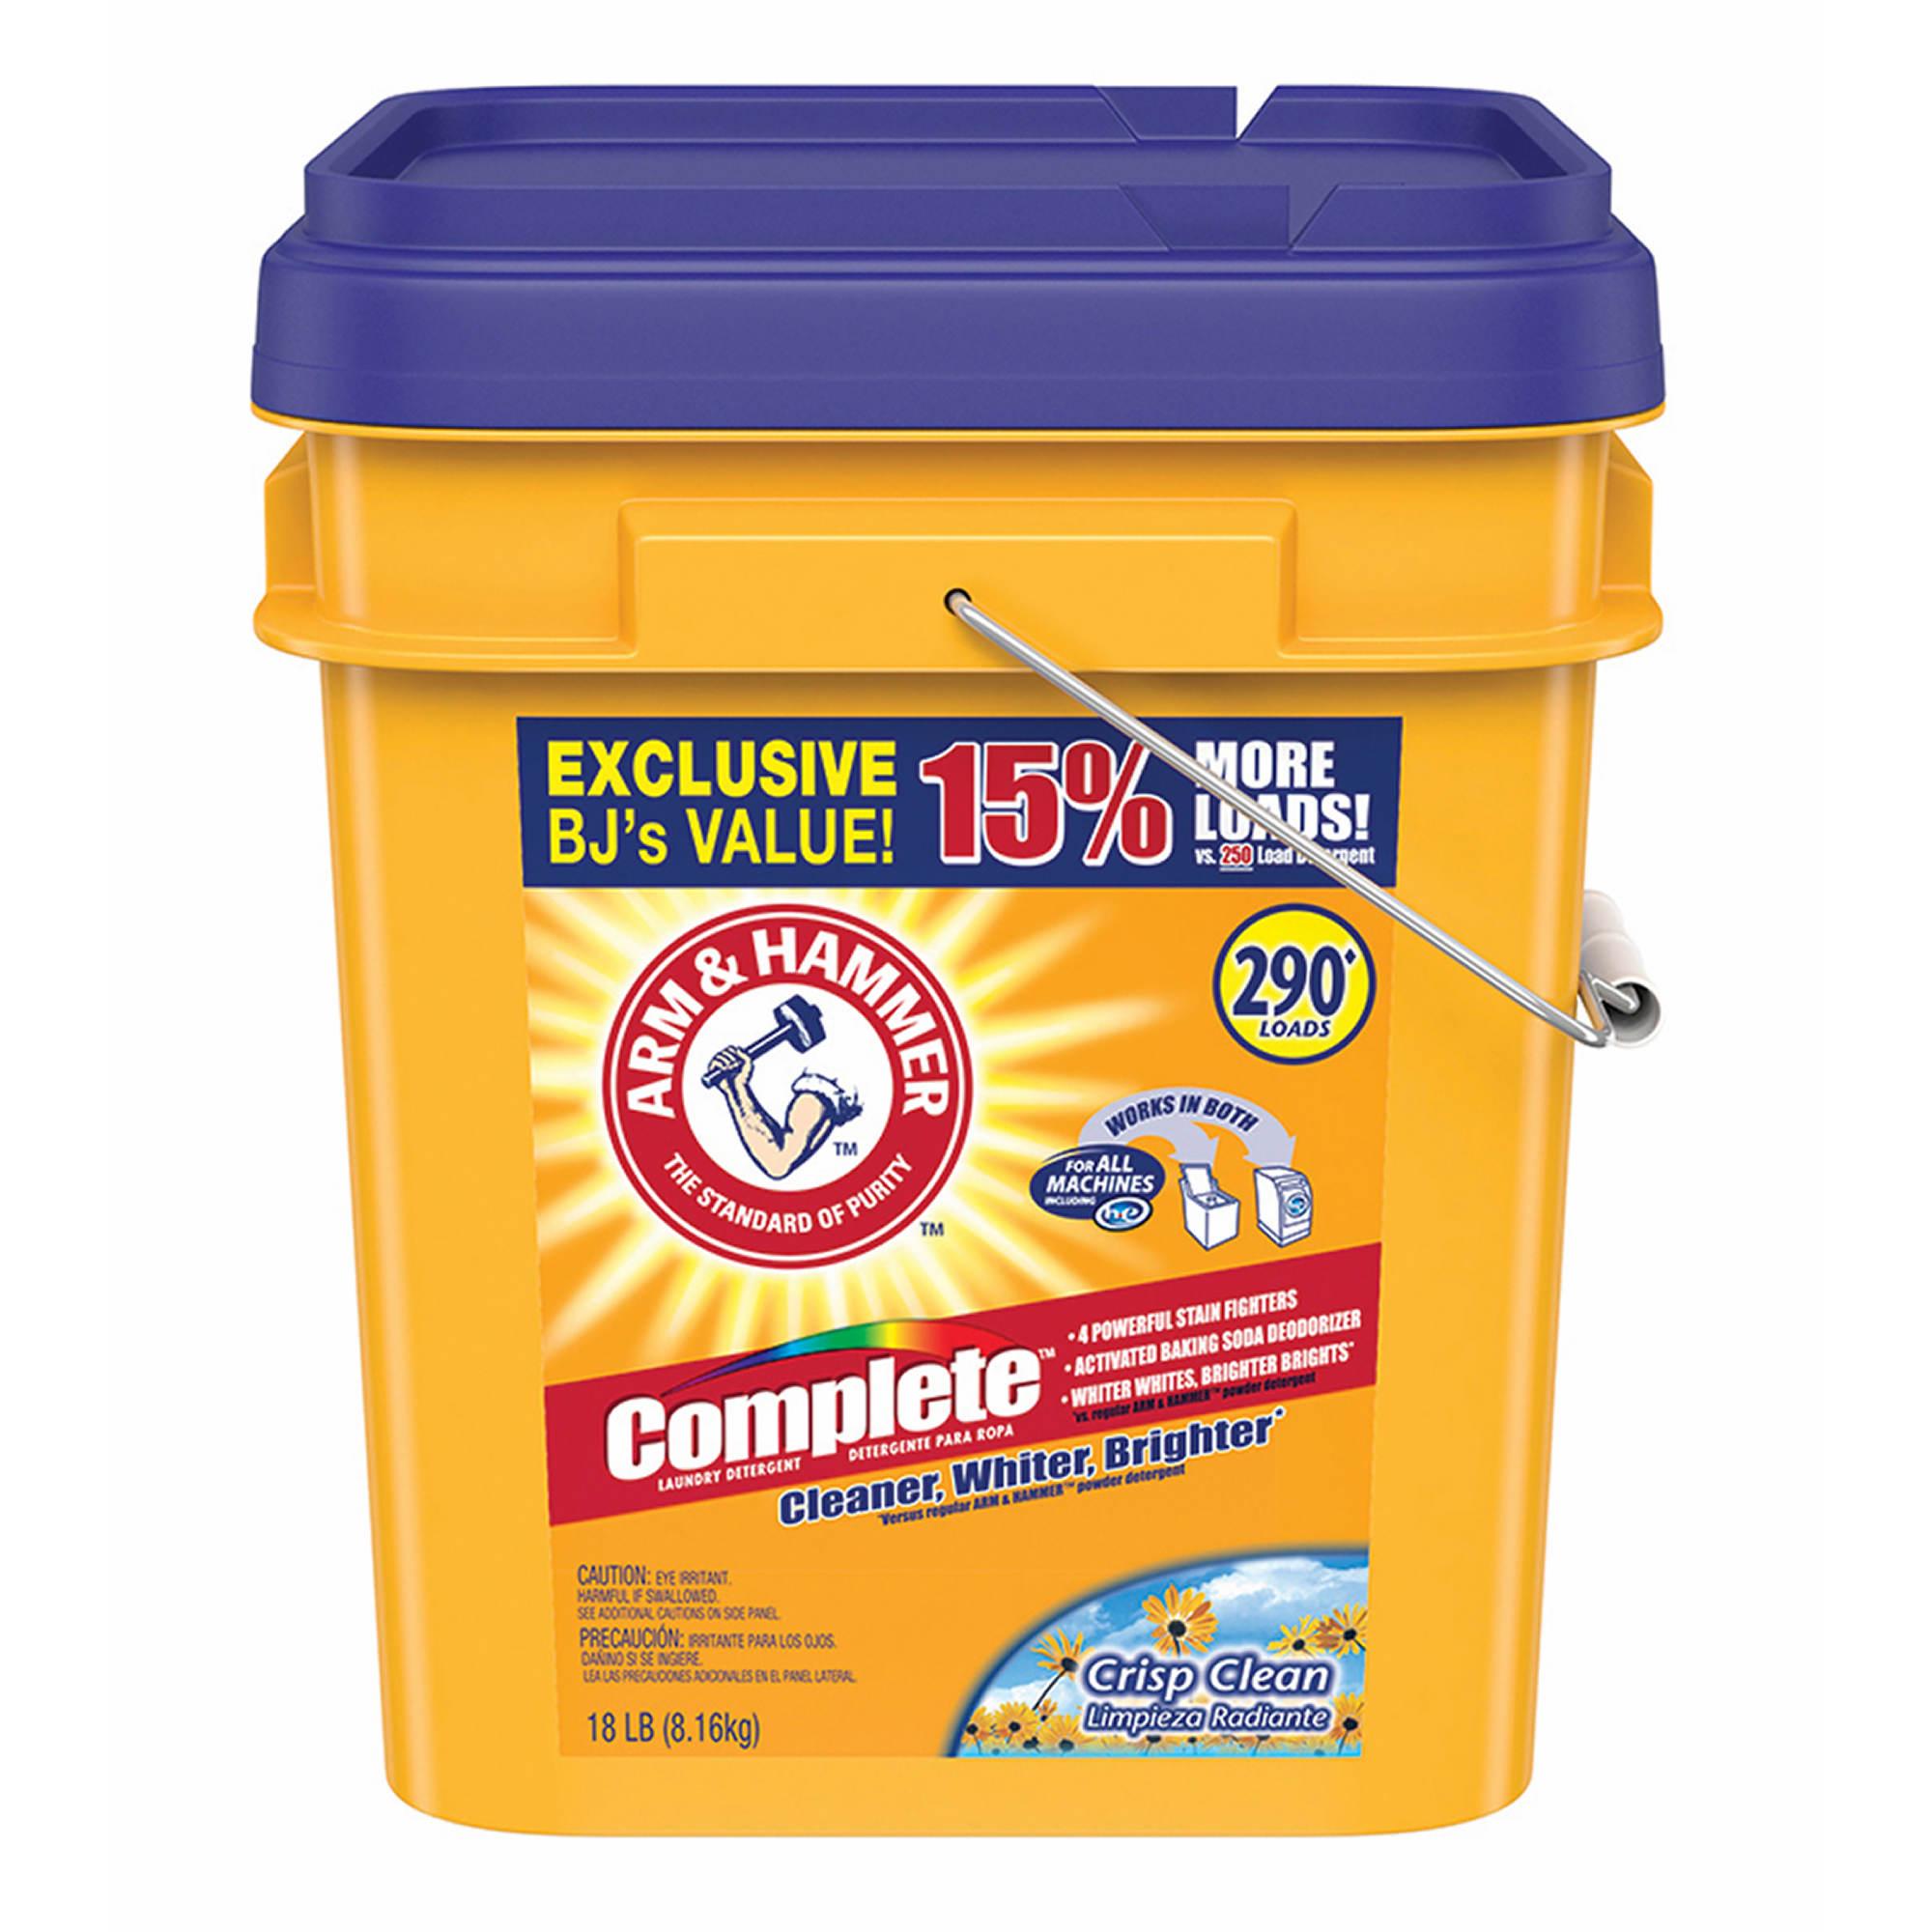 Arm & Hammer Complete Powder Detergent, 15.42 Gal.